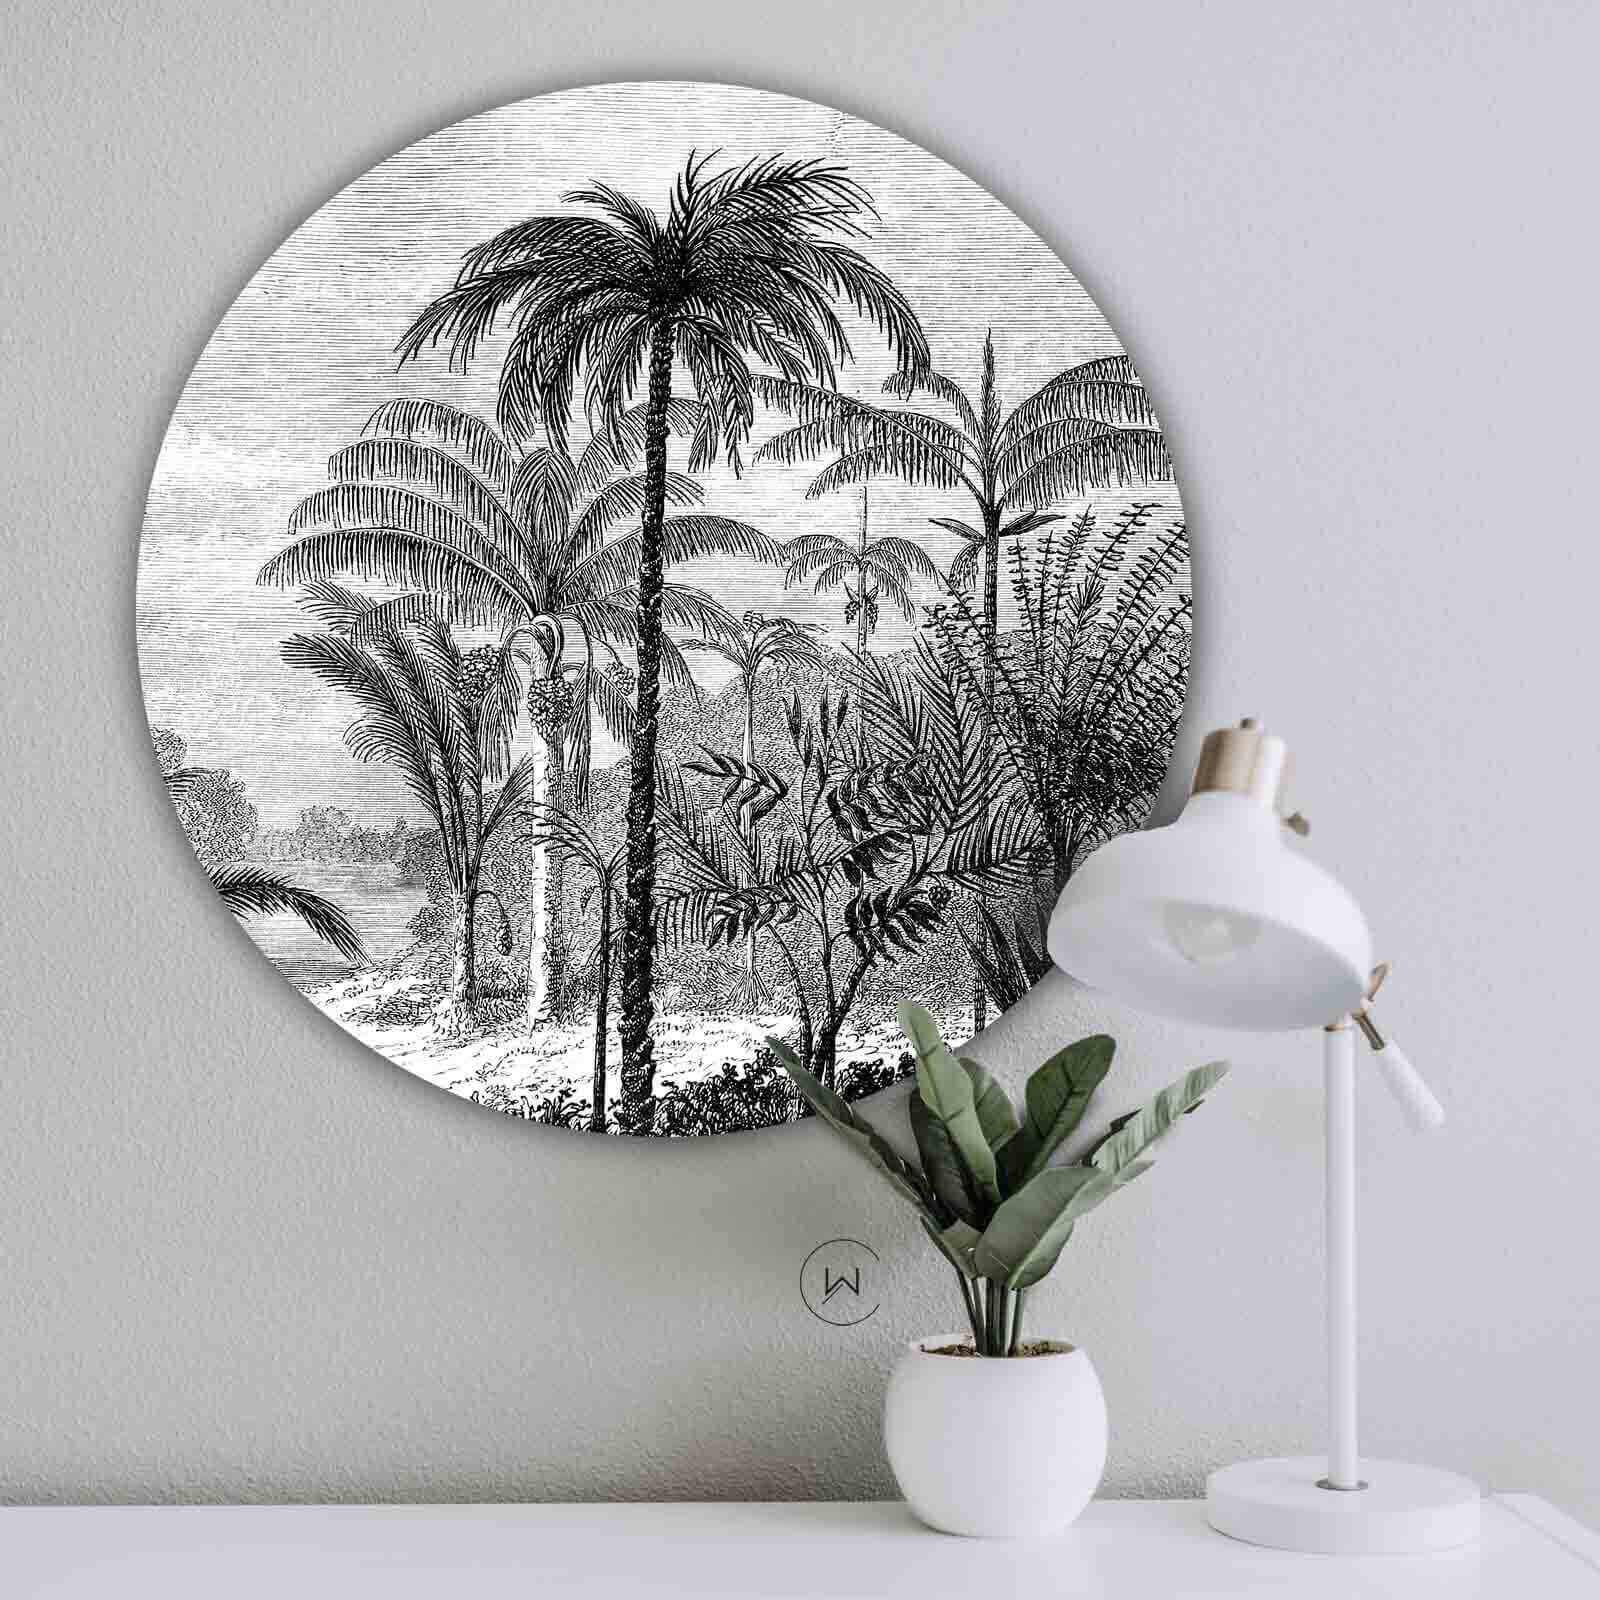 Muurcirkel Palm Jungle Ronde Botanische Wanddecoratie Wallcatcher